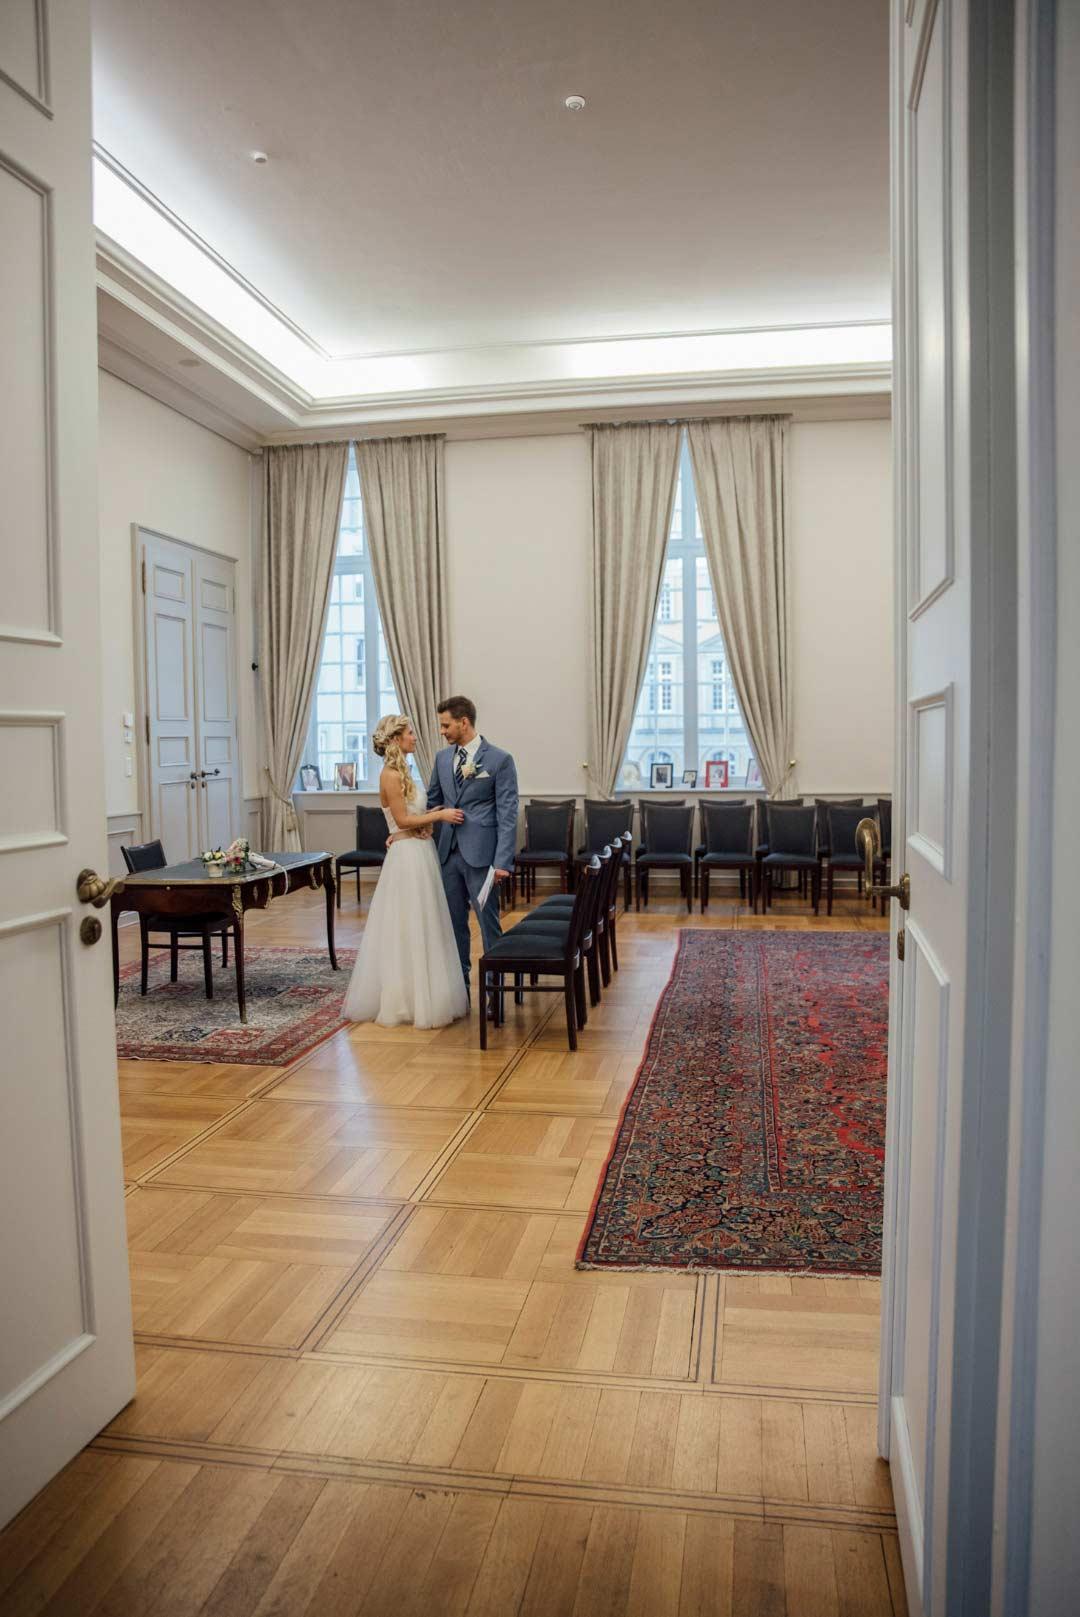 Braut und Bräutigam im Trauzimmer im alten Rathaus Bonn